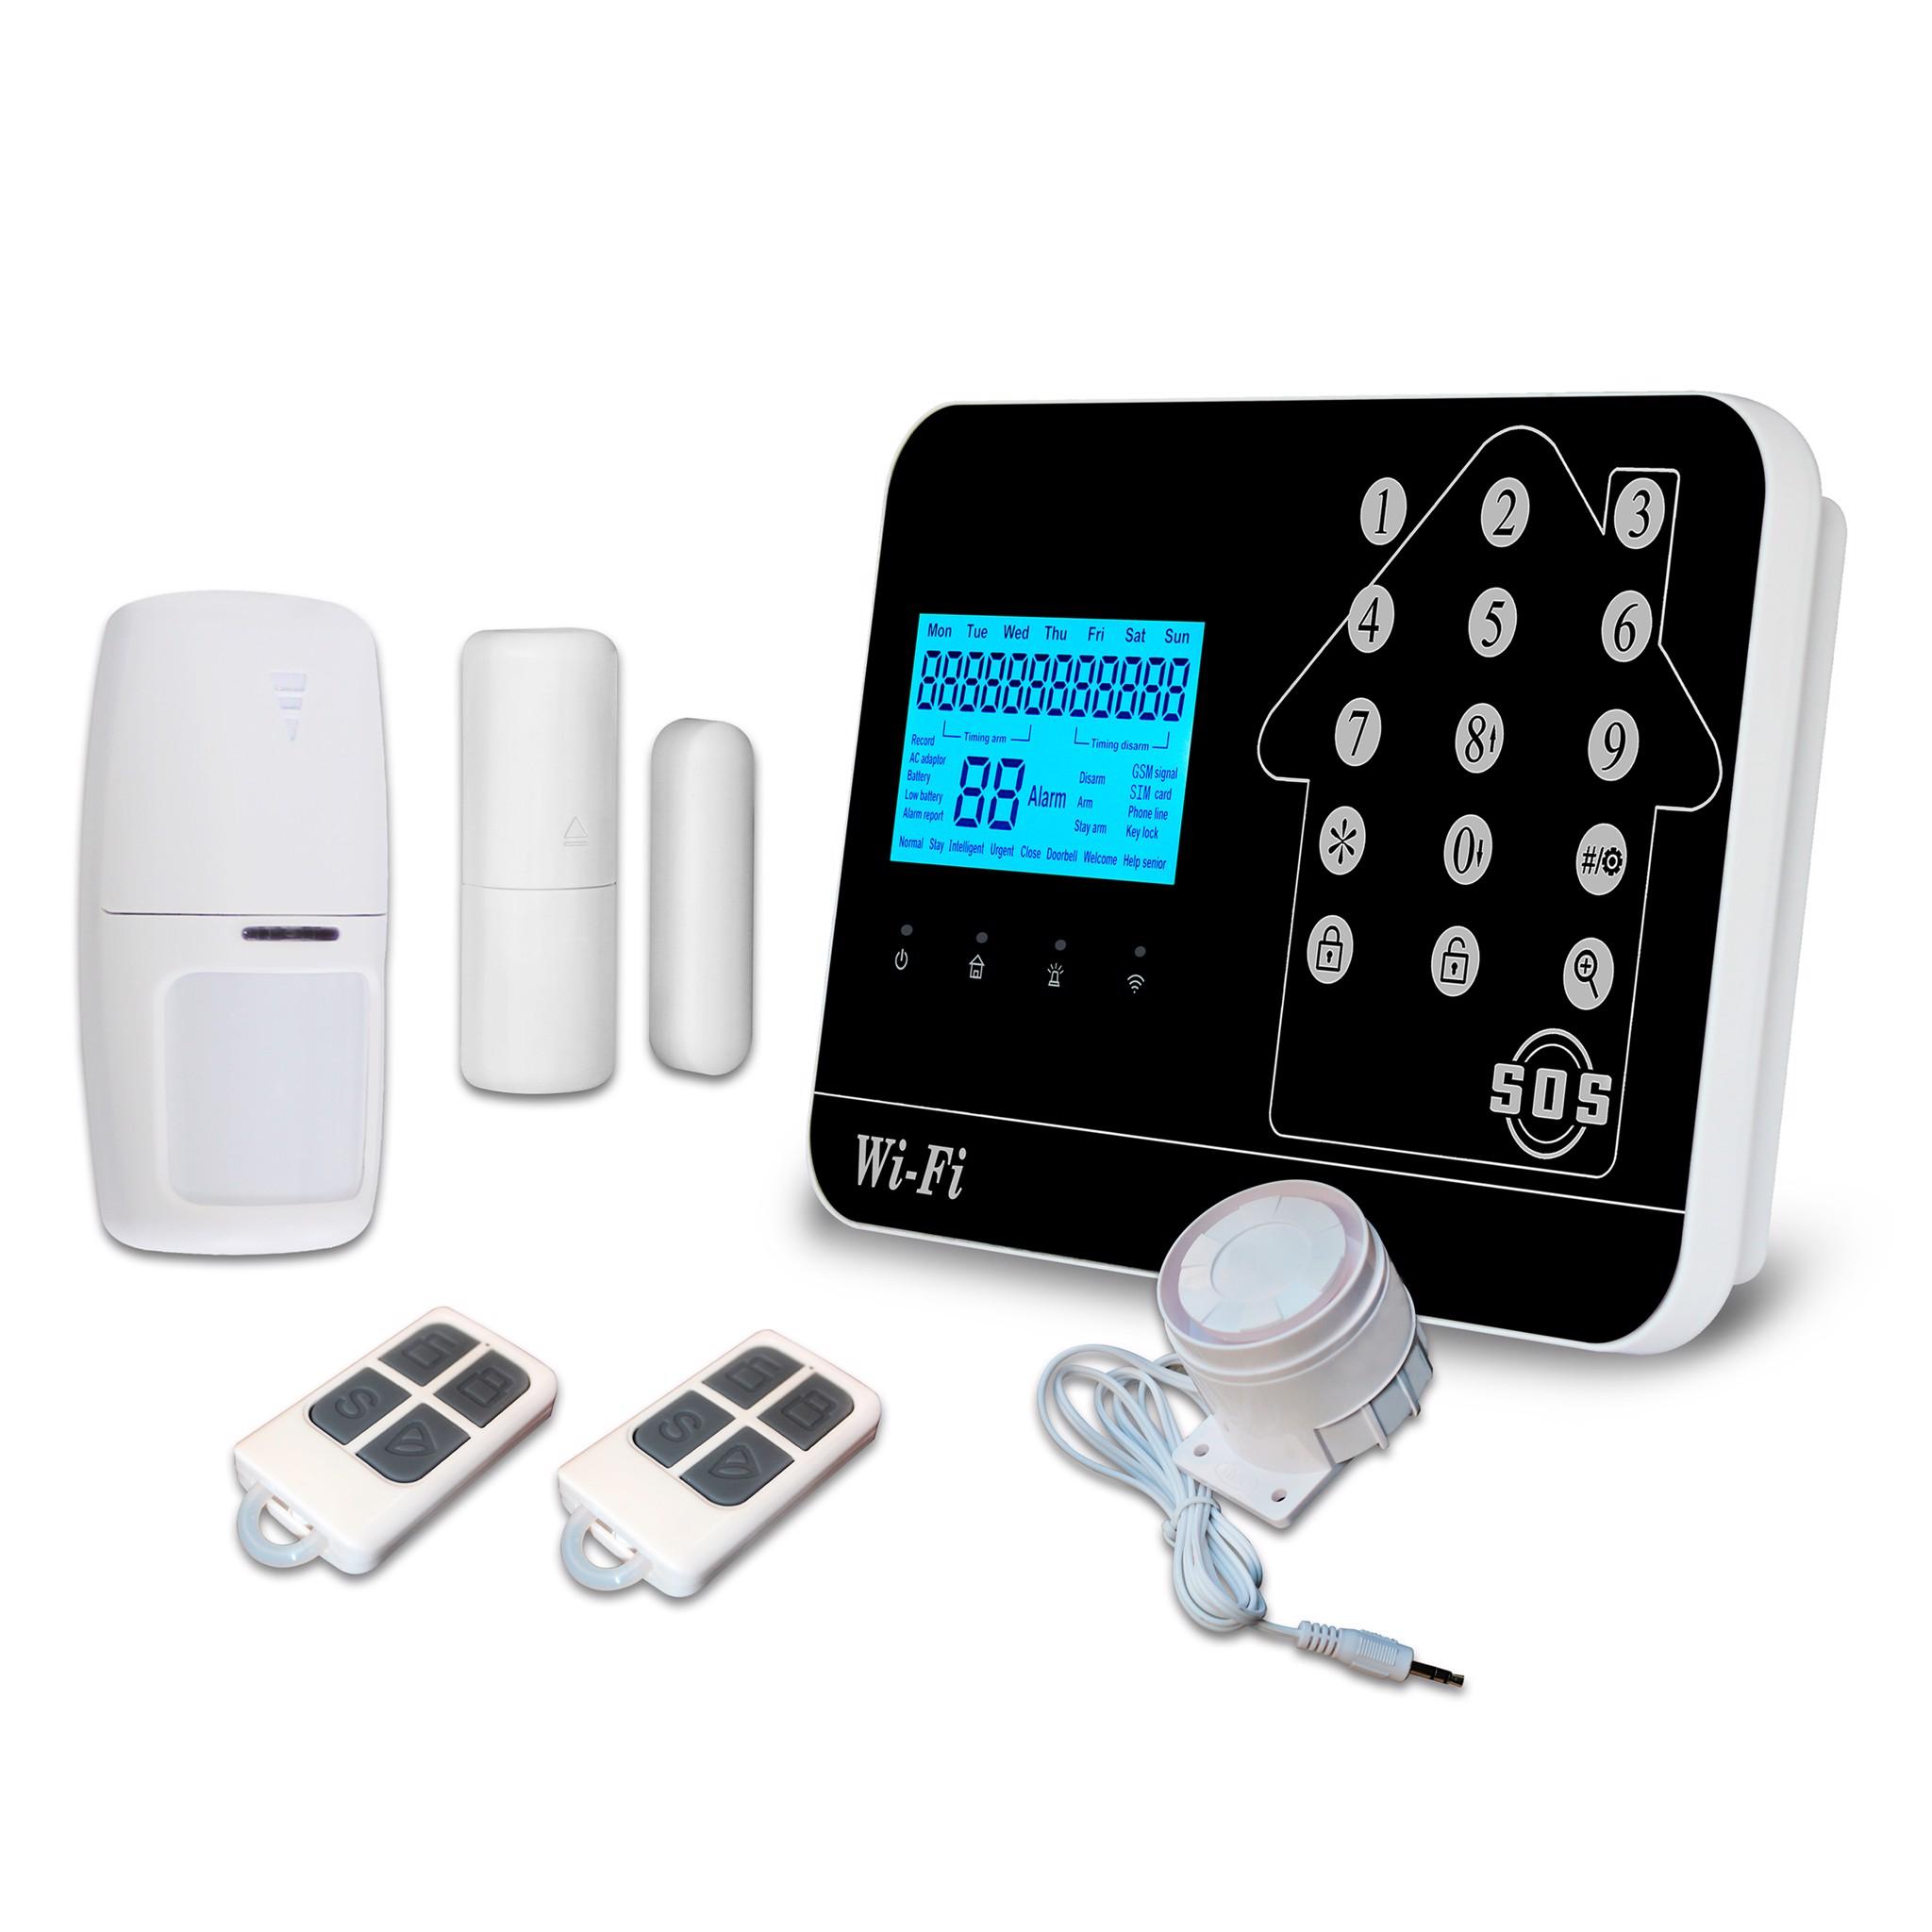 Bộ Báo Động Chống Trộm Cao Cấp GW02 Qua Wifi + Sim GSM